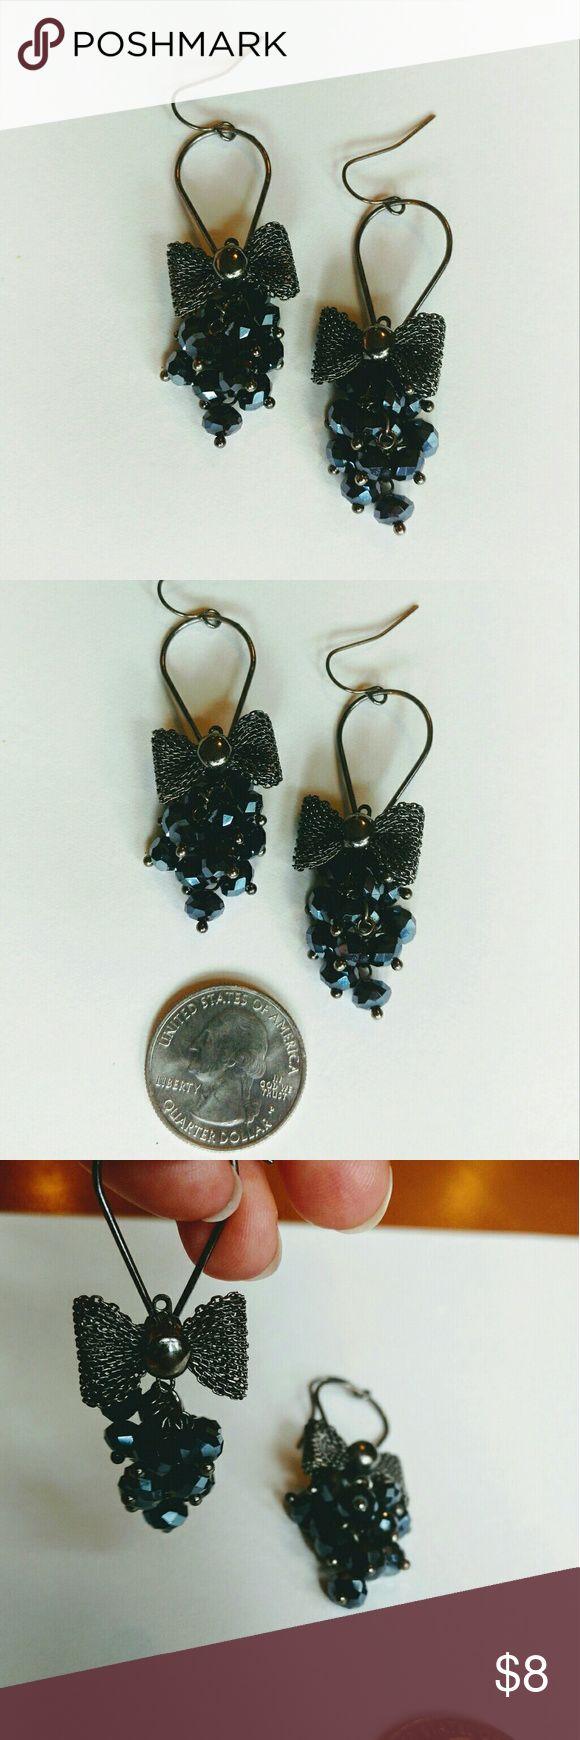 Blue Beaded And Dark Silver Bow Earrings Beautiful Pair Of Earrings,  Cluster Of Dark Blue